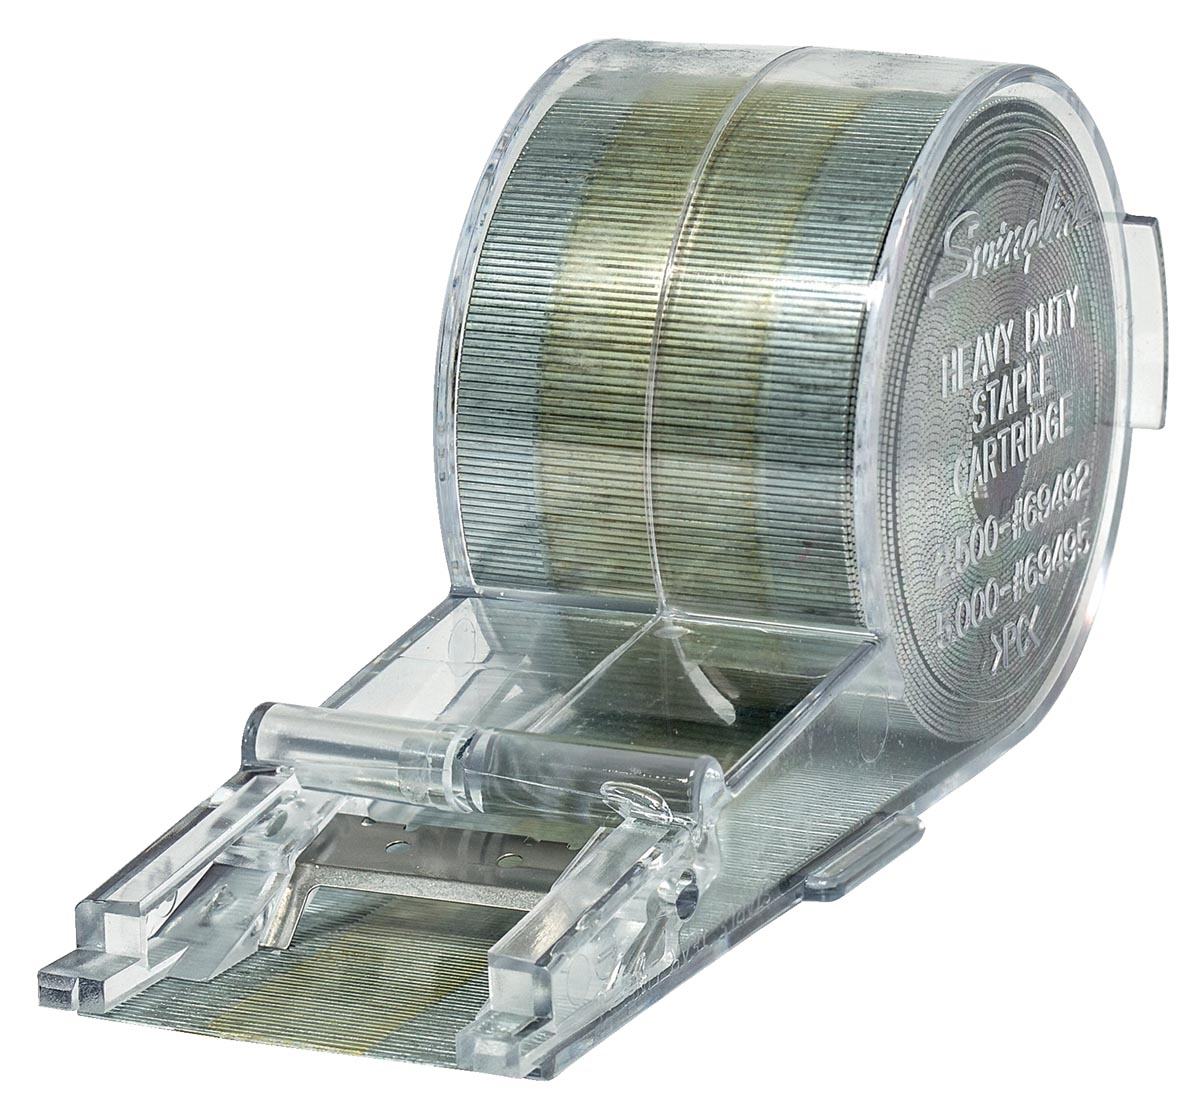 Rexel nietjes 24/6 nr 270, cassette van 5.000 nietjes